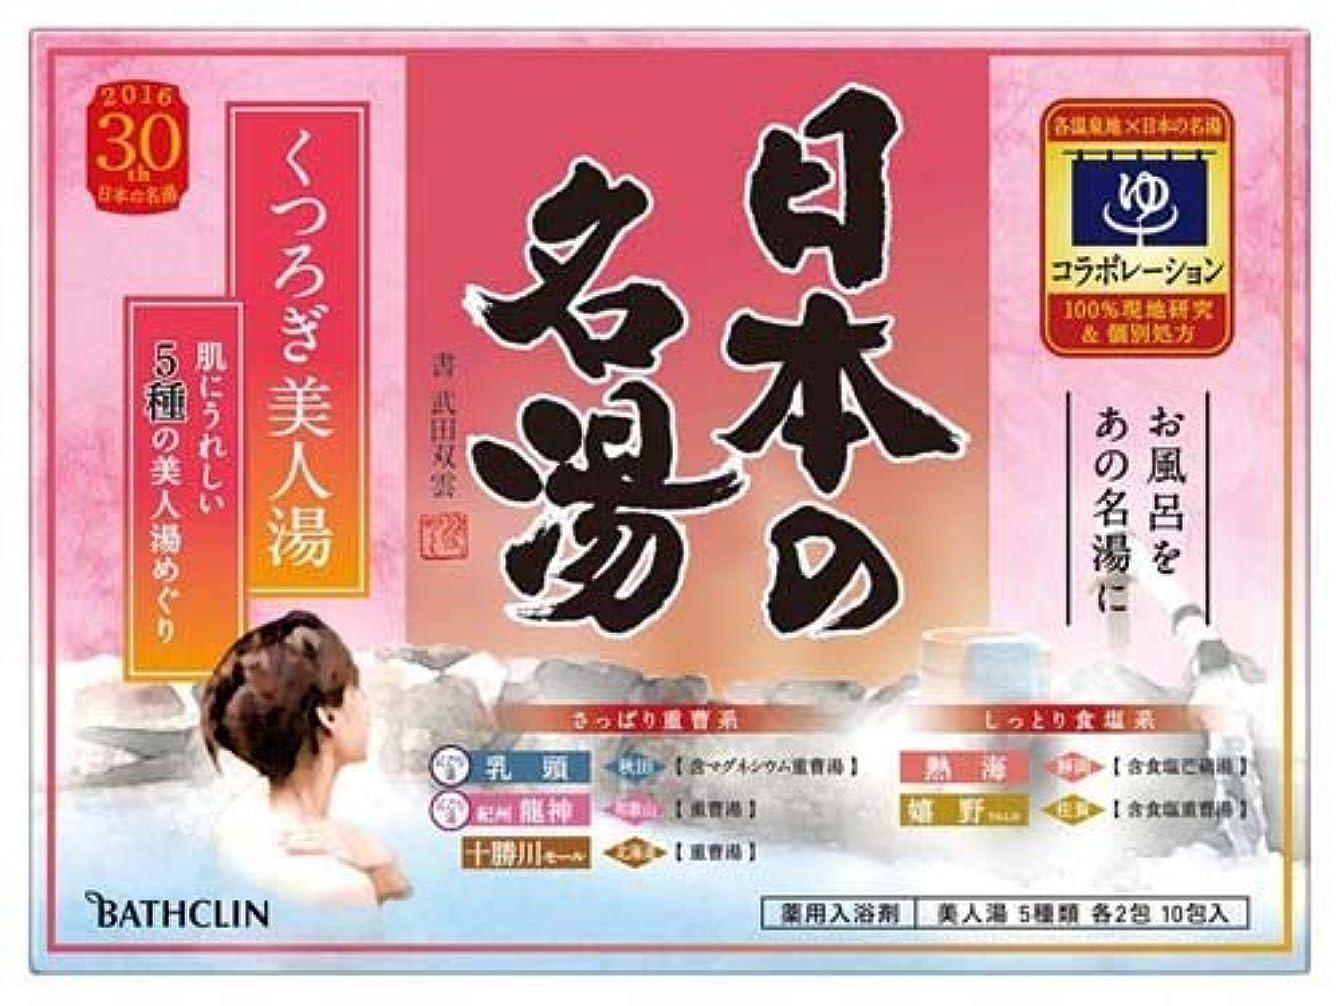 干渉買い物に行くバスケットボール日本の名湯 くつろぎ美人湯 30g 10包入り 入浴剤 (医薬部外品) × 3個セット